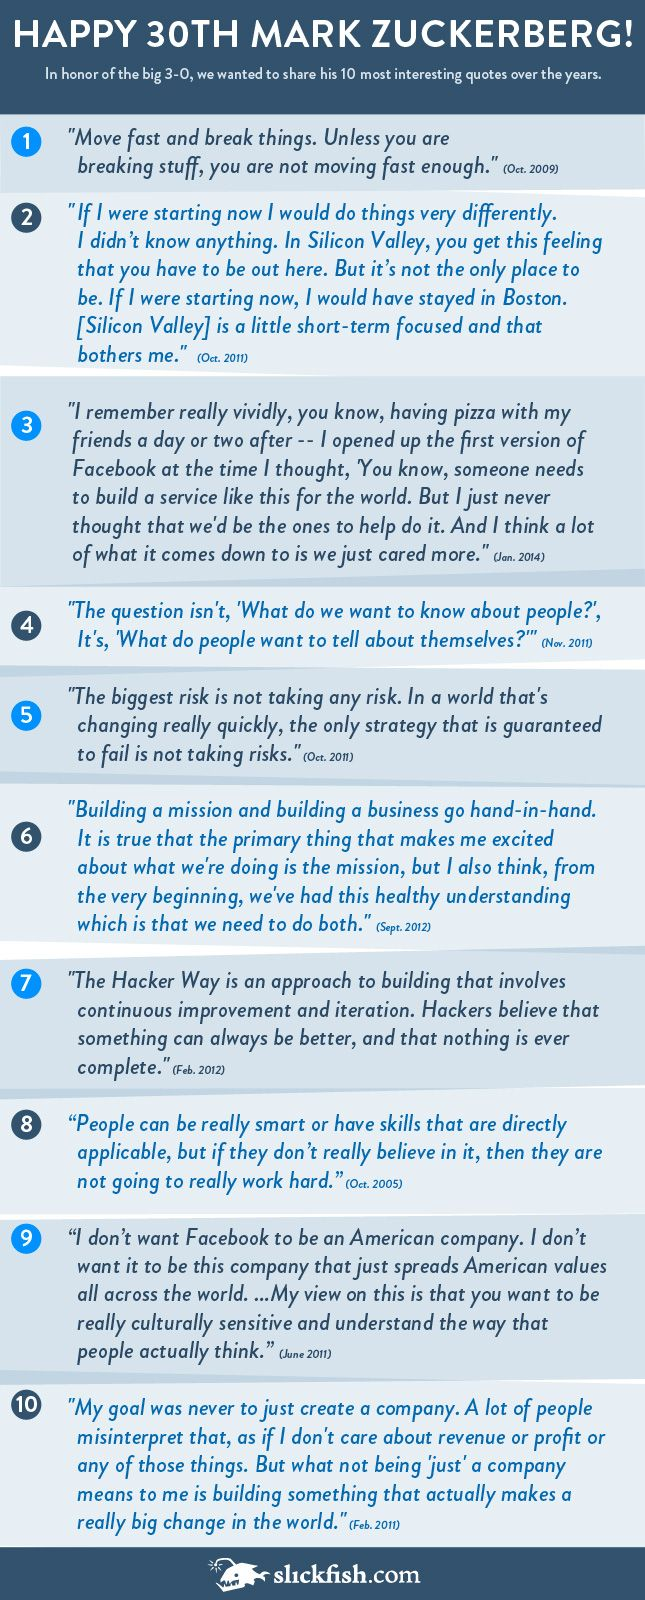 Quoting Zuckerberg - SlickFish Studios  |  http://www.slickfish.com/social-media/zuckerberg-quotes